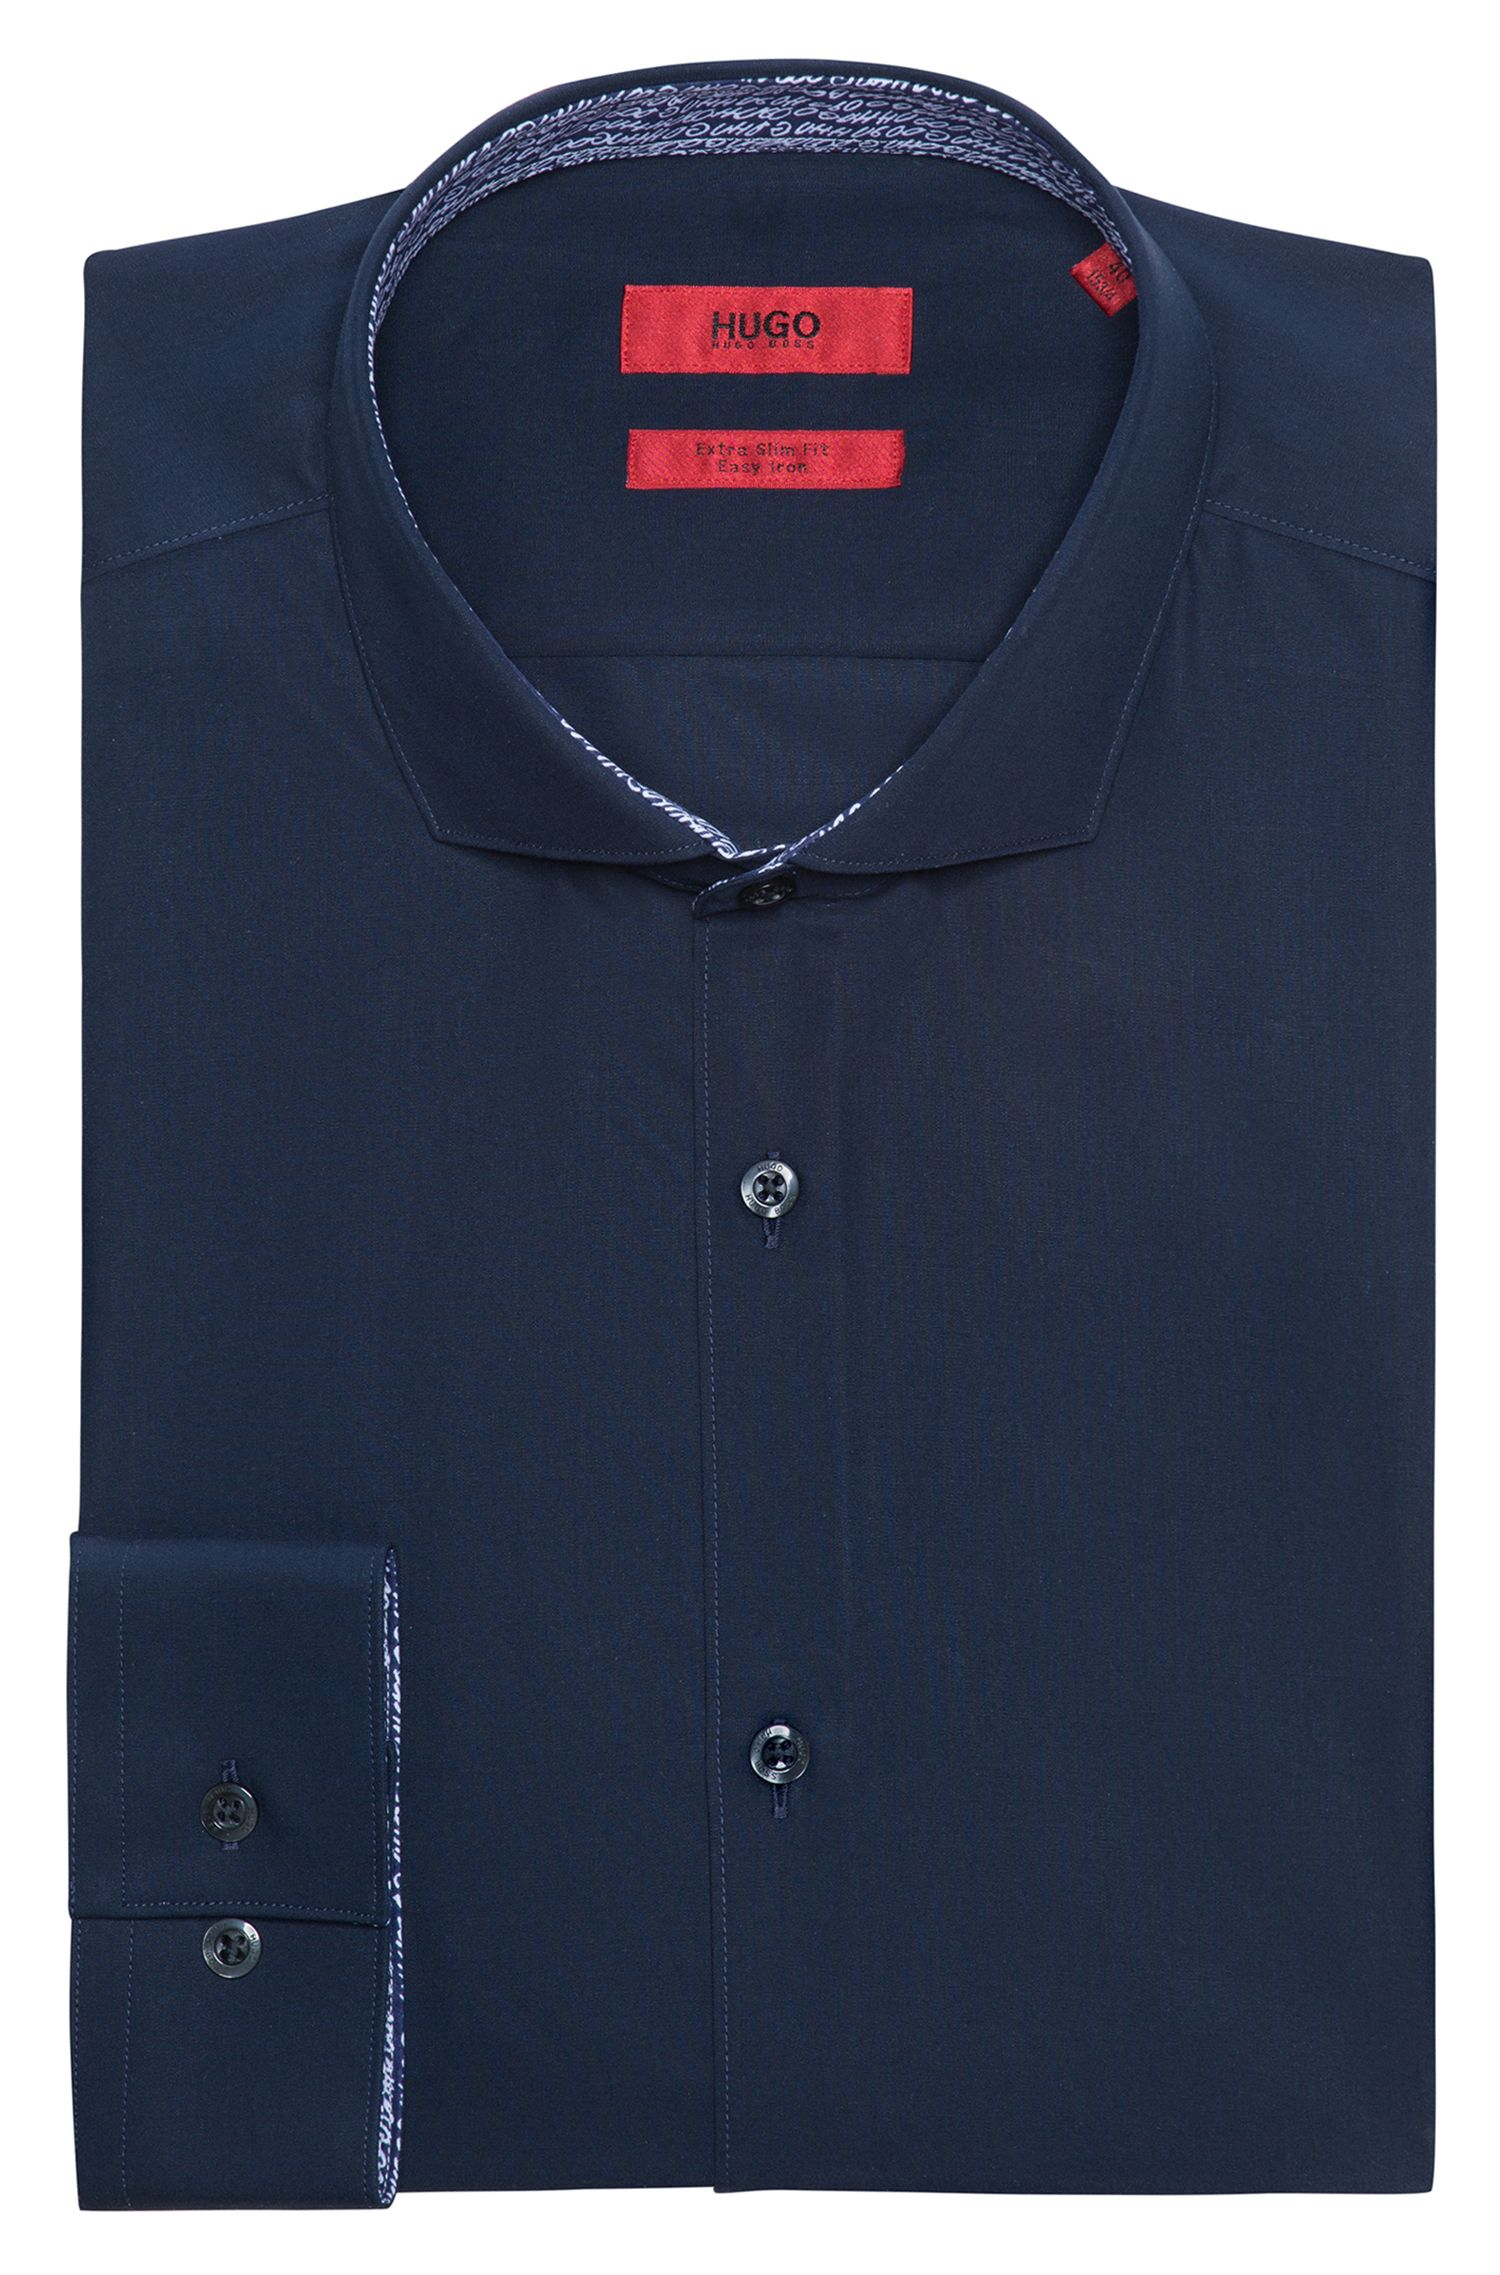 Camisa extra slim fit en algodón con detalles estampados en el interior